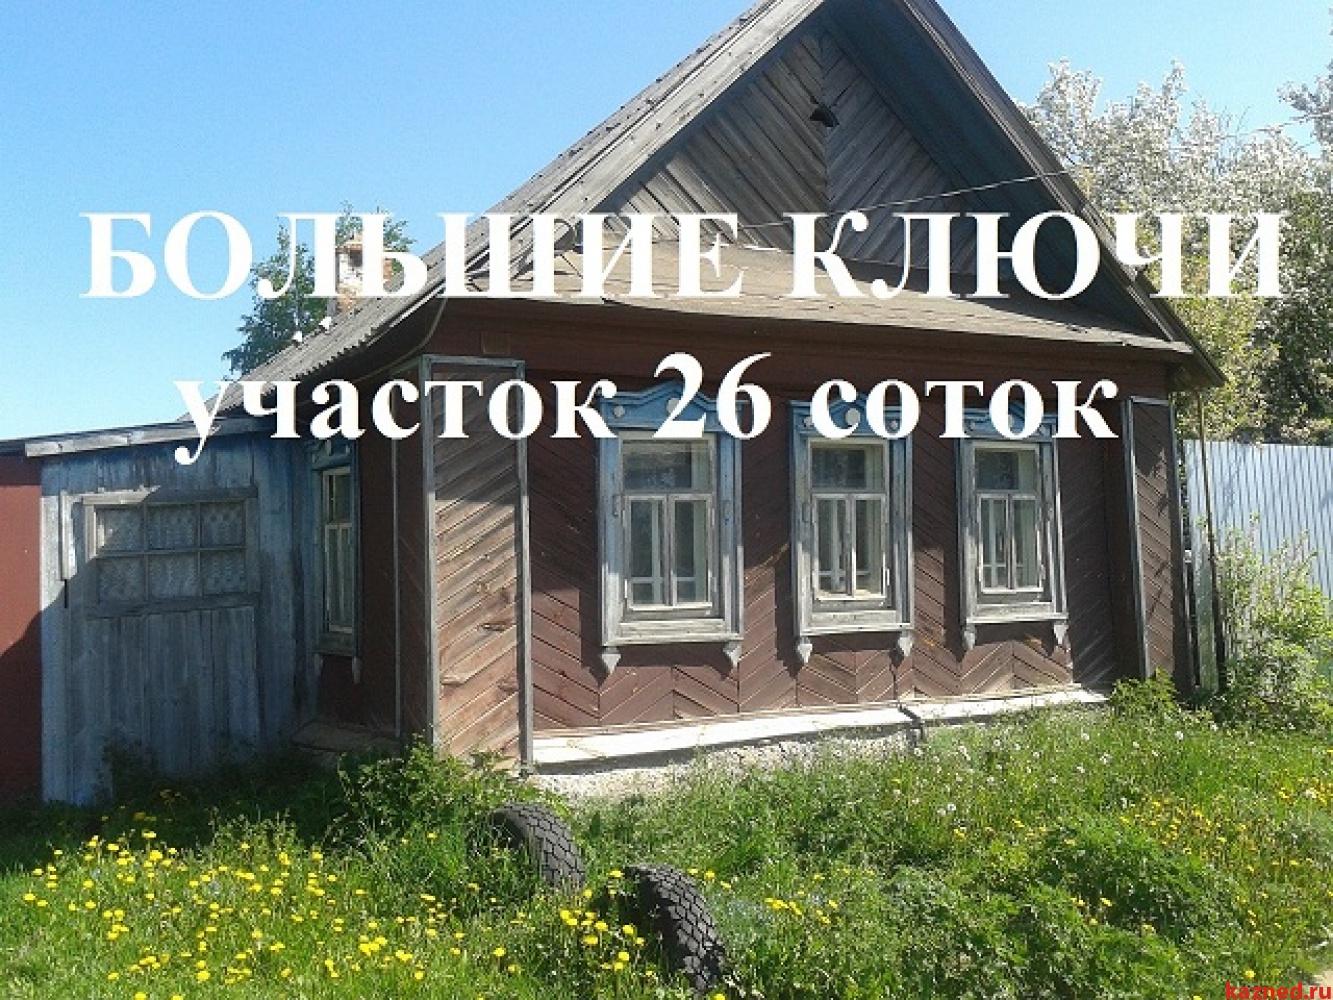 Продажа  дома Нагорная, 41 м2  (миниатюра №1)